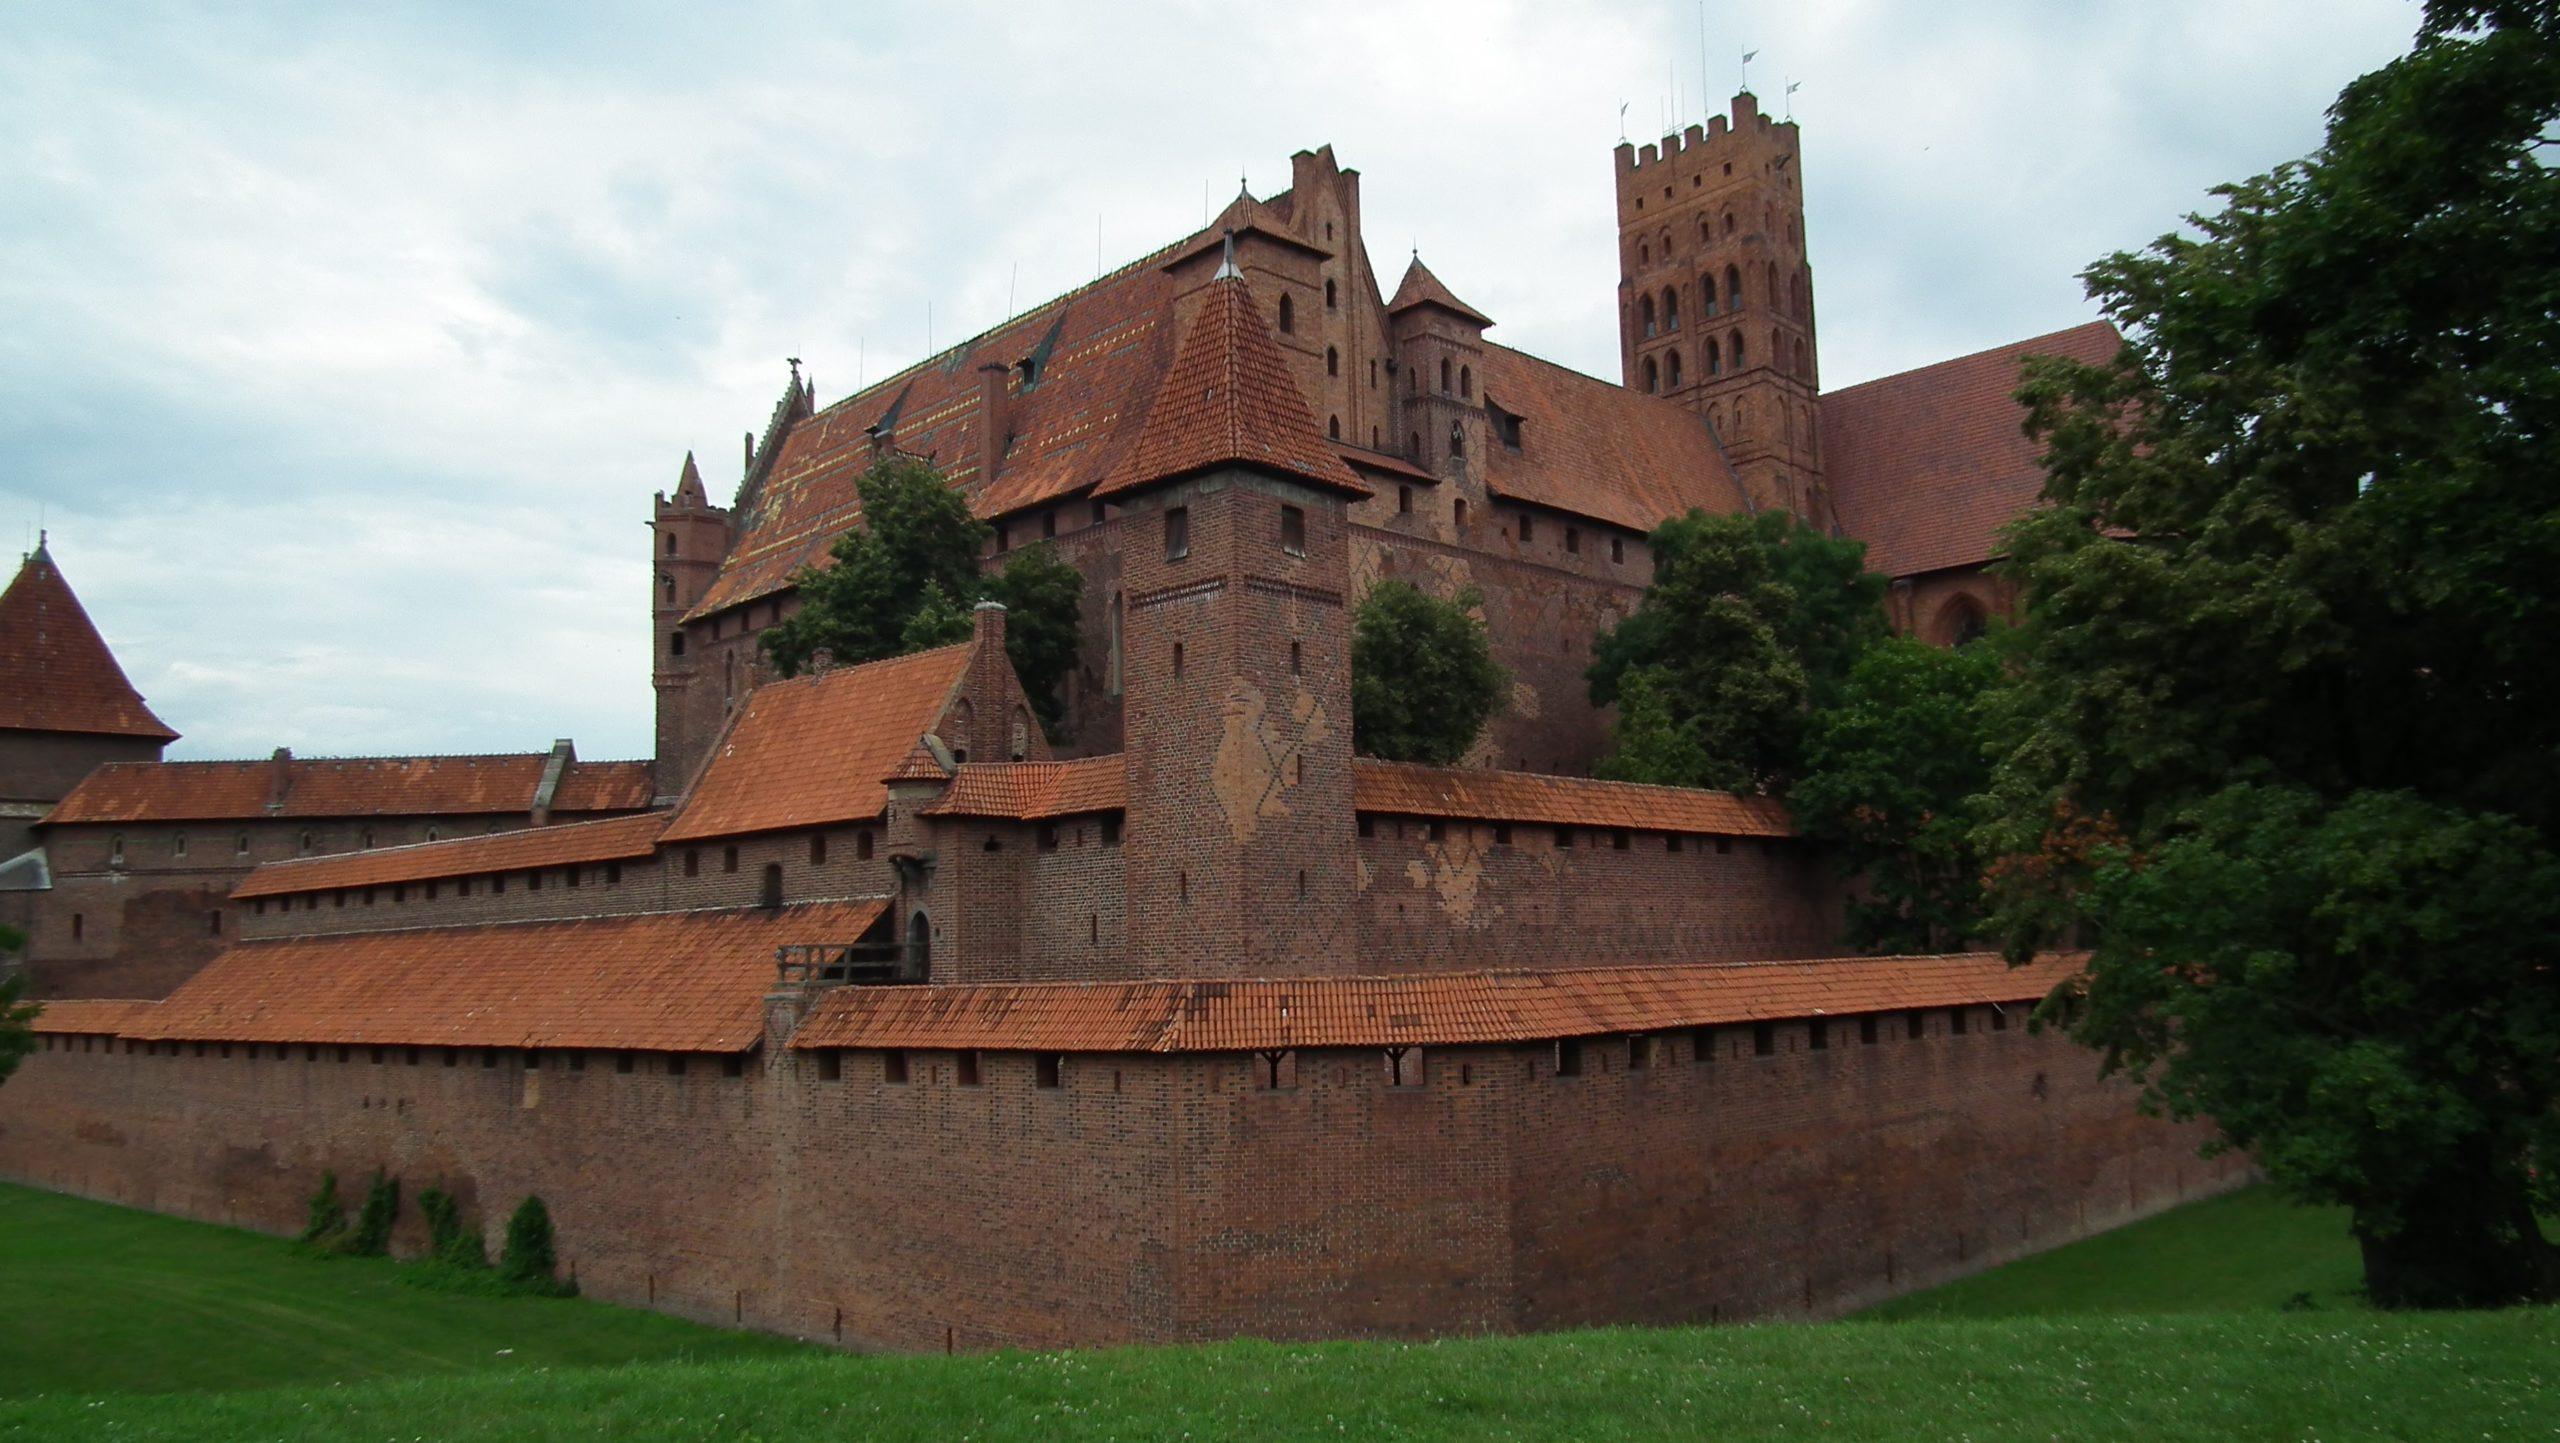 Zamek w Malborku [wirtualny spacer]